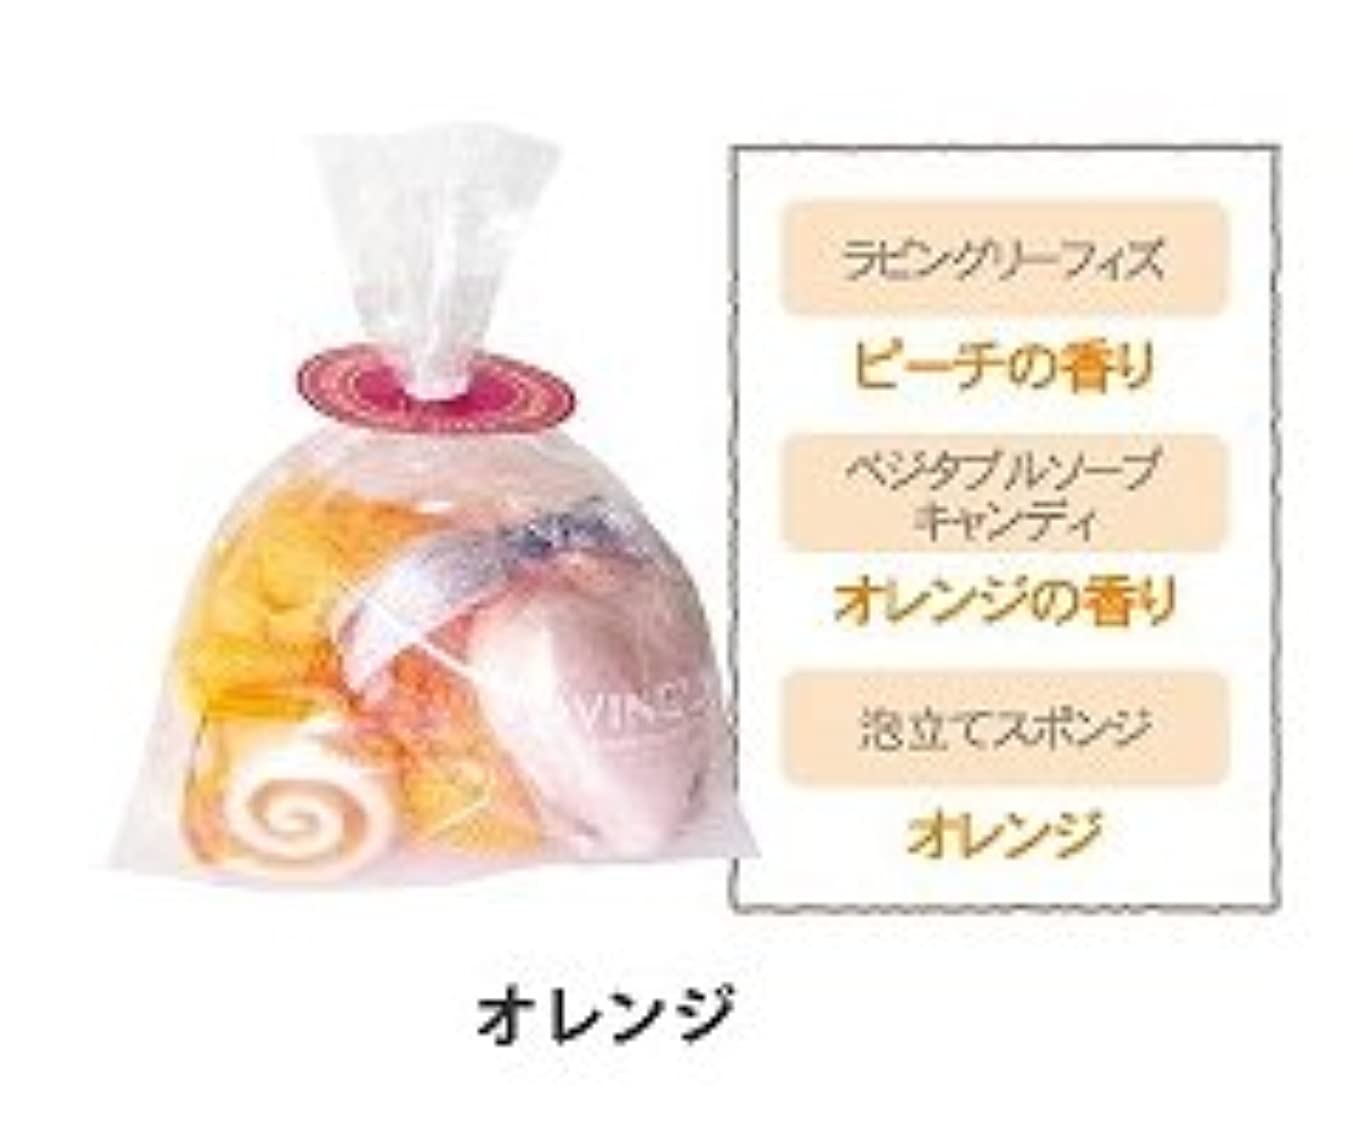 遺産気楽な塊カラフルキャンディ バスバッグ オレンジ 12個セット